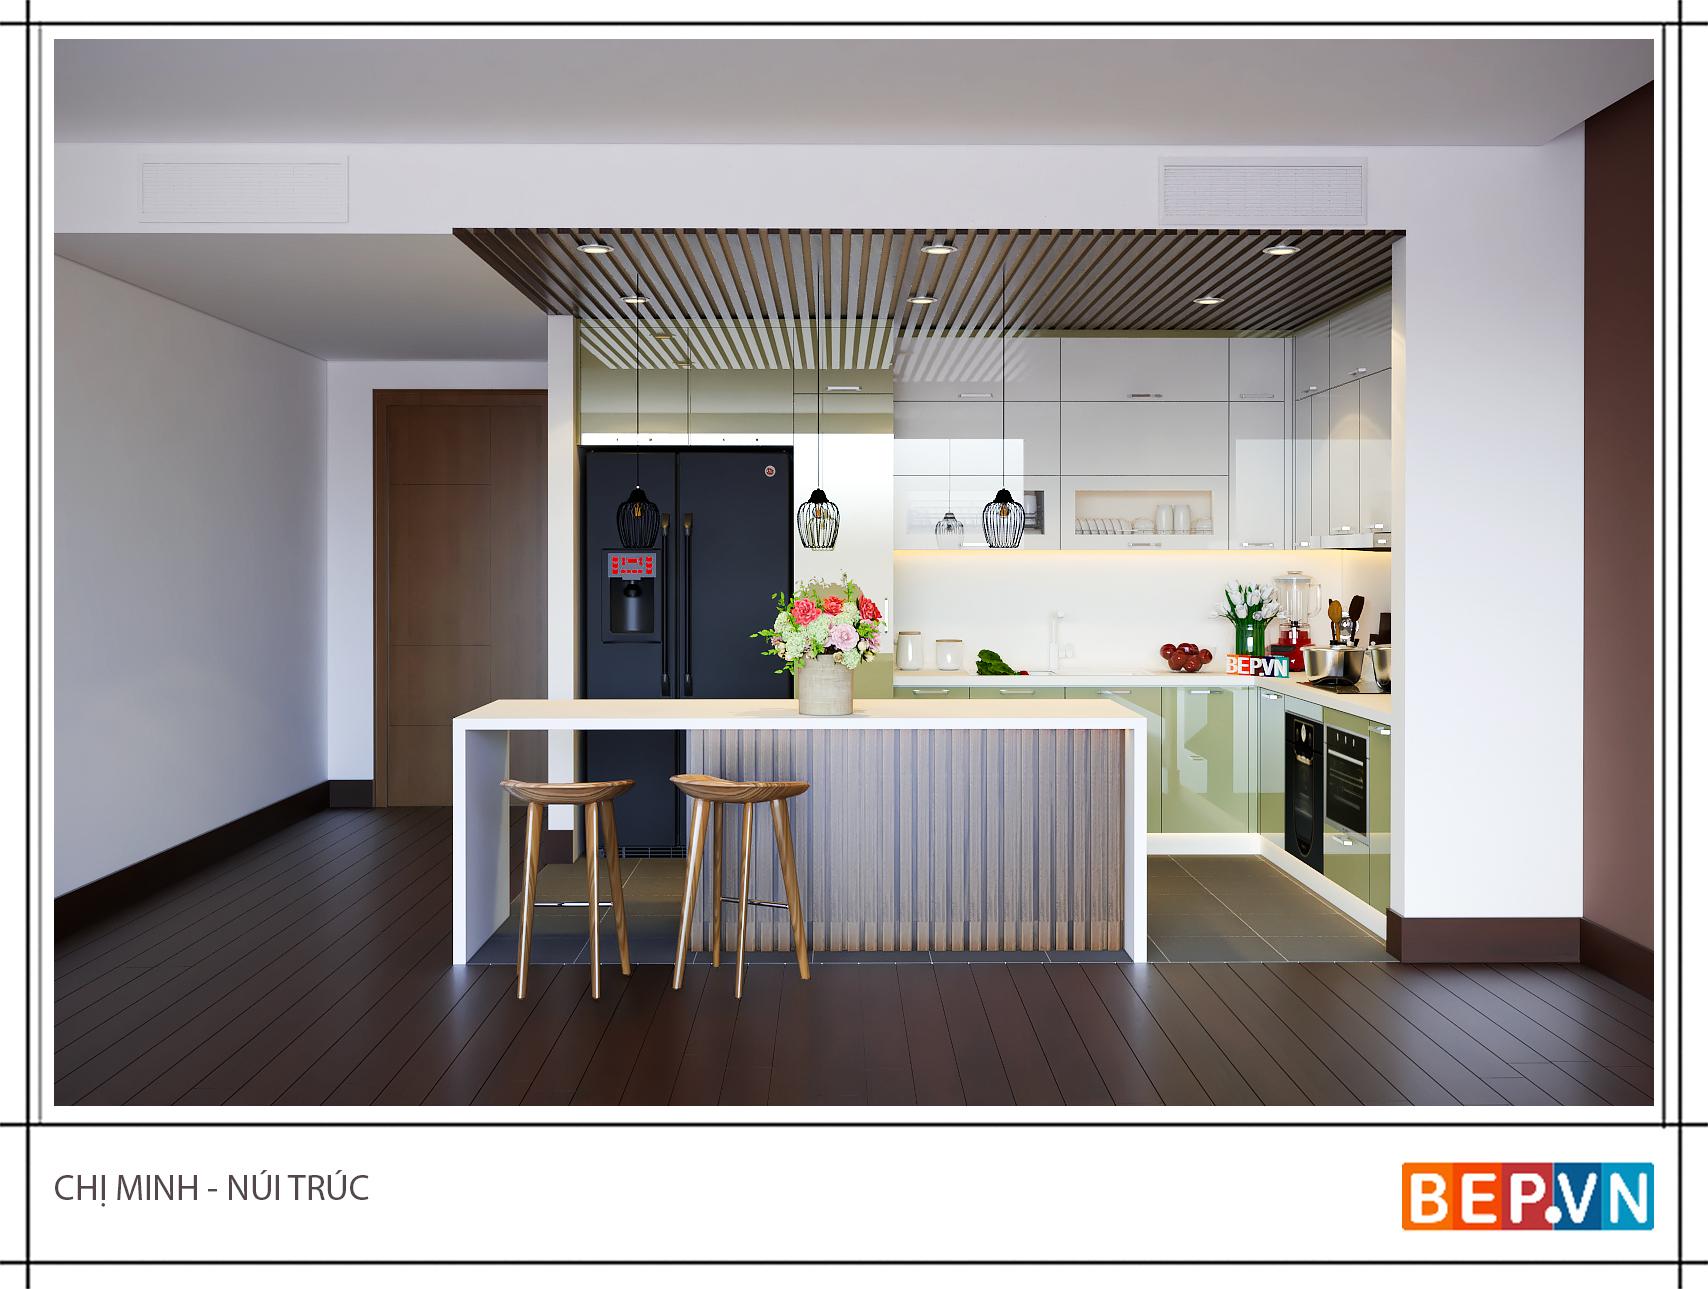 Tủ bếp gỗ công nghiệp phủ Acrylic nhà chị Minh